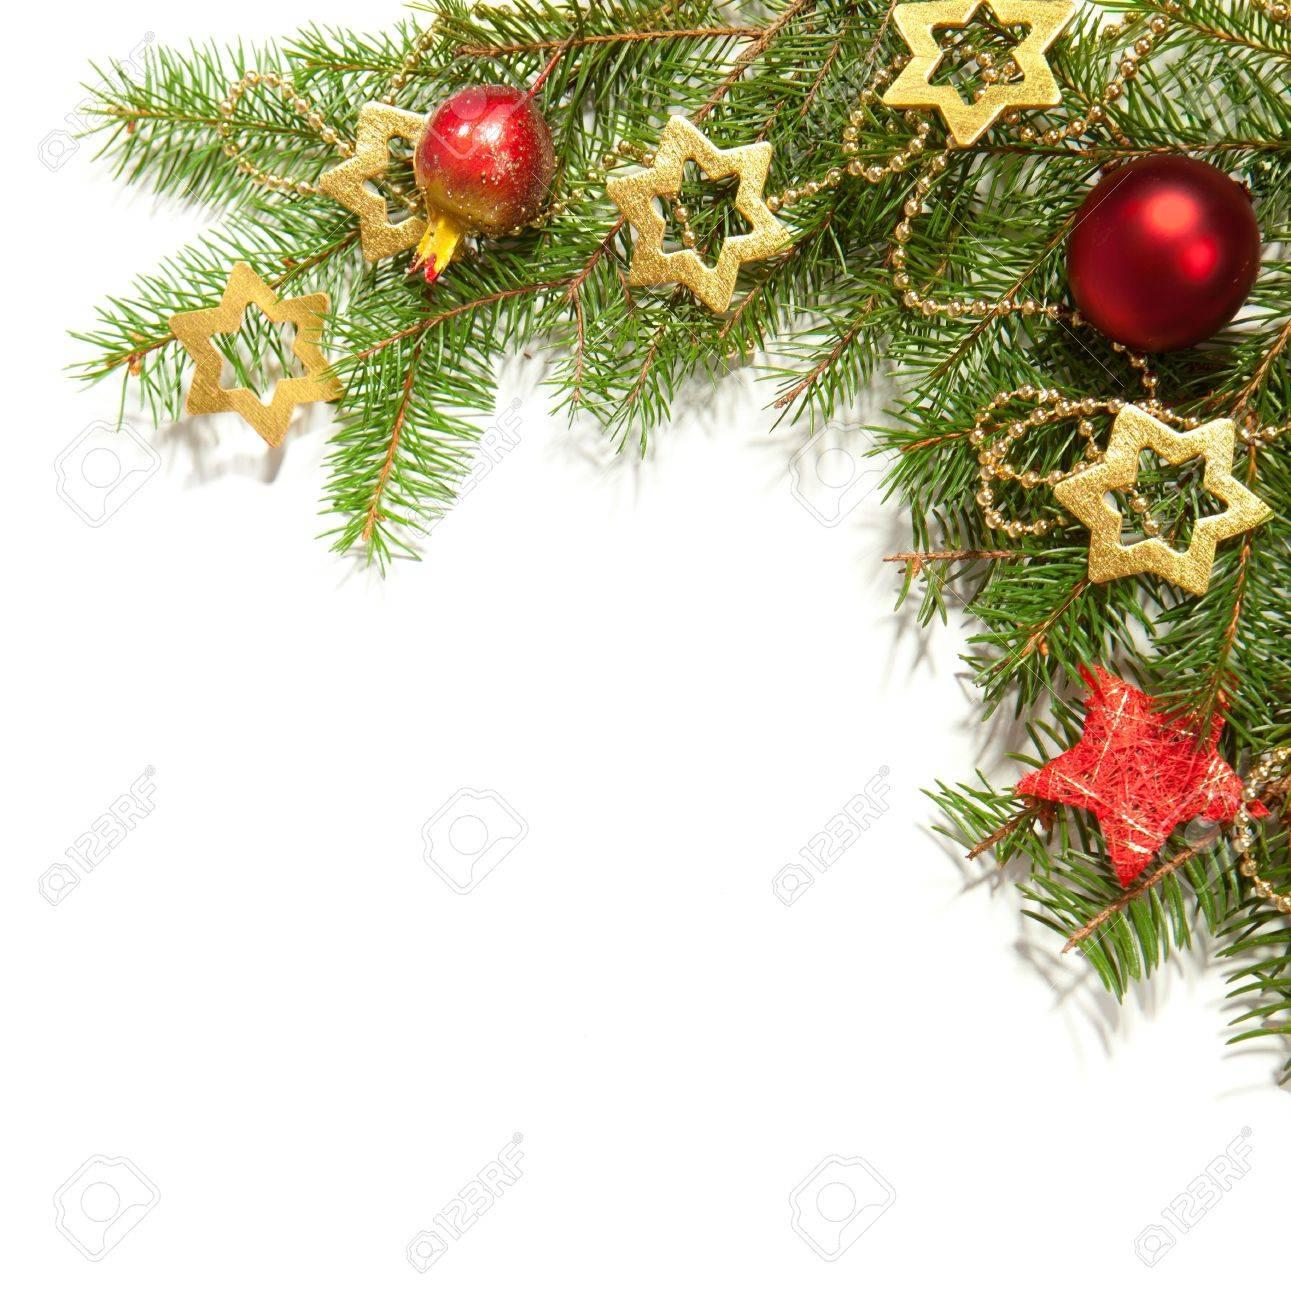 クリスマス枠白で隔離 の写真素材画像素材 Image 15808939